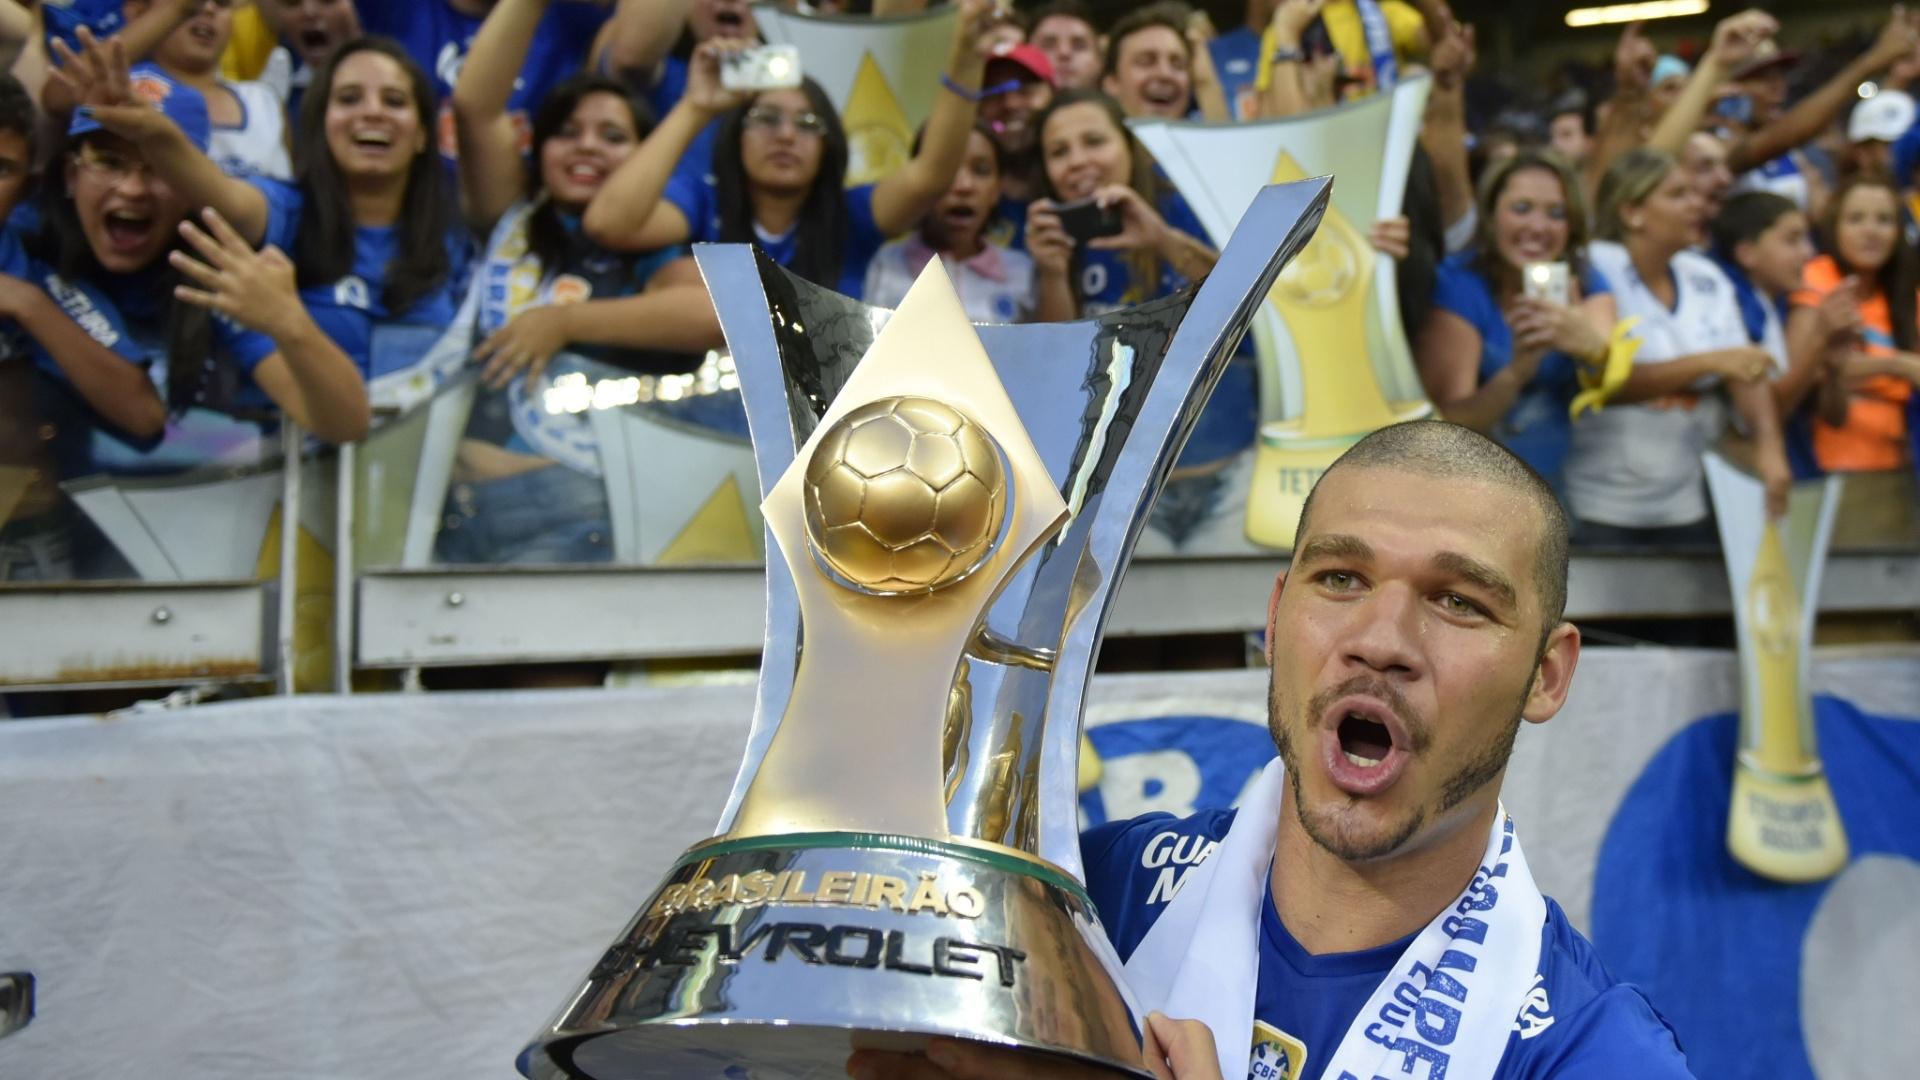 Nilton comemora com a taça de campeão Brasileiro no Cruzeiro